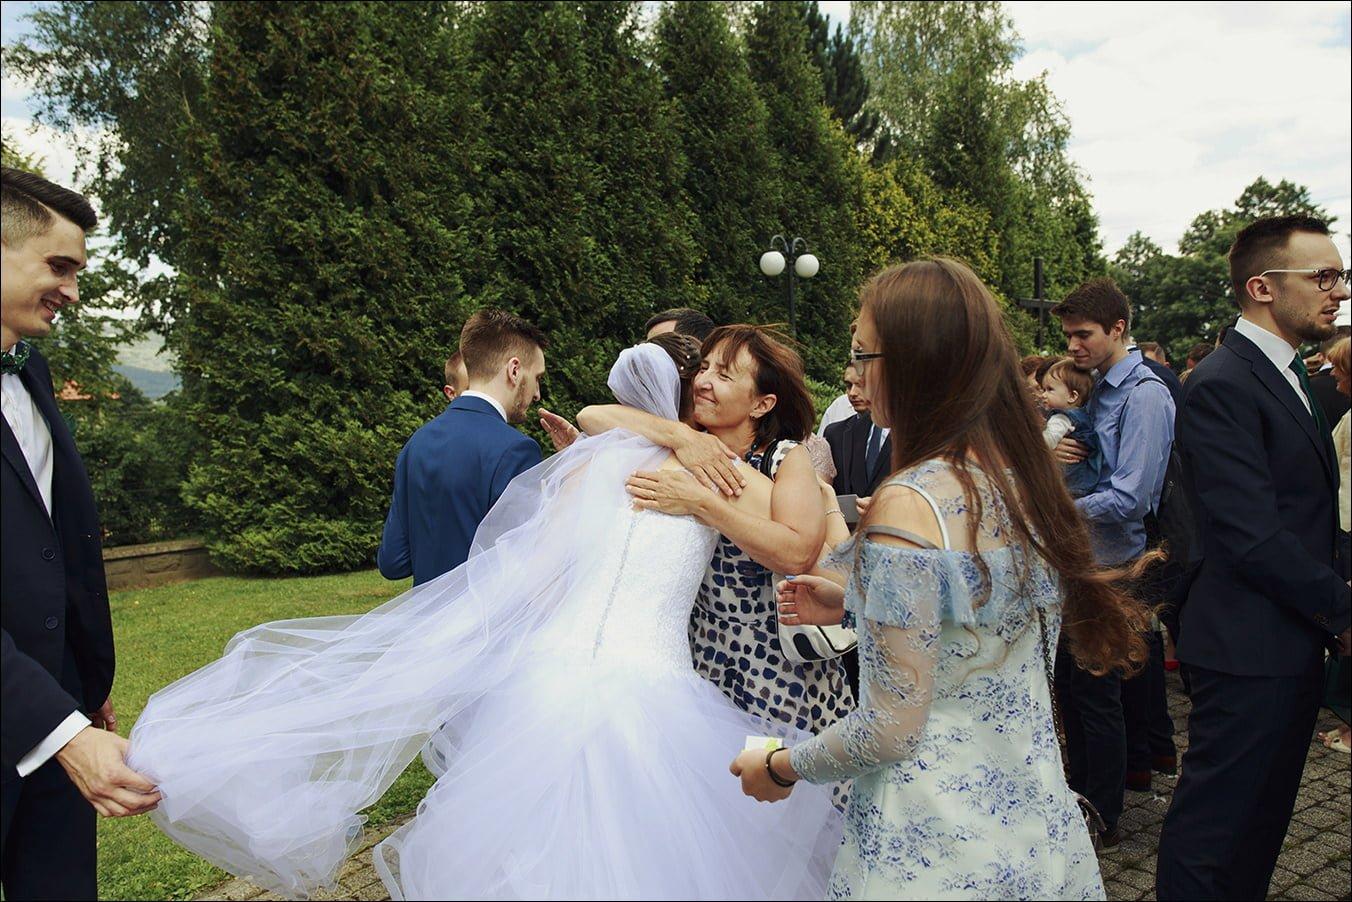 fotograf slub bielsko biala wirtuozeria aga daniel 56 - Wesele w Żywcu - AGNIESZKA & DANIEL